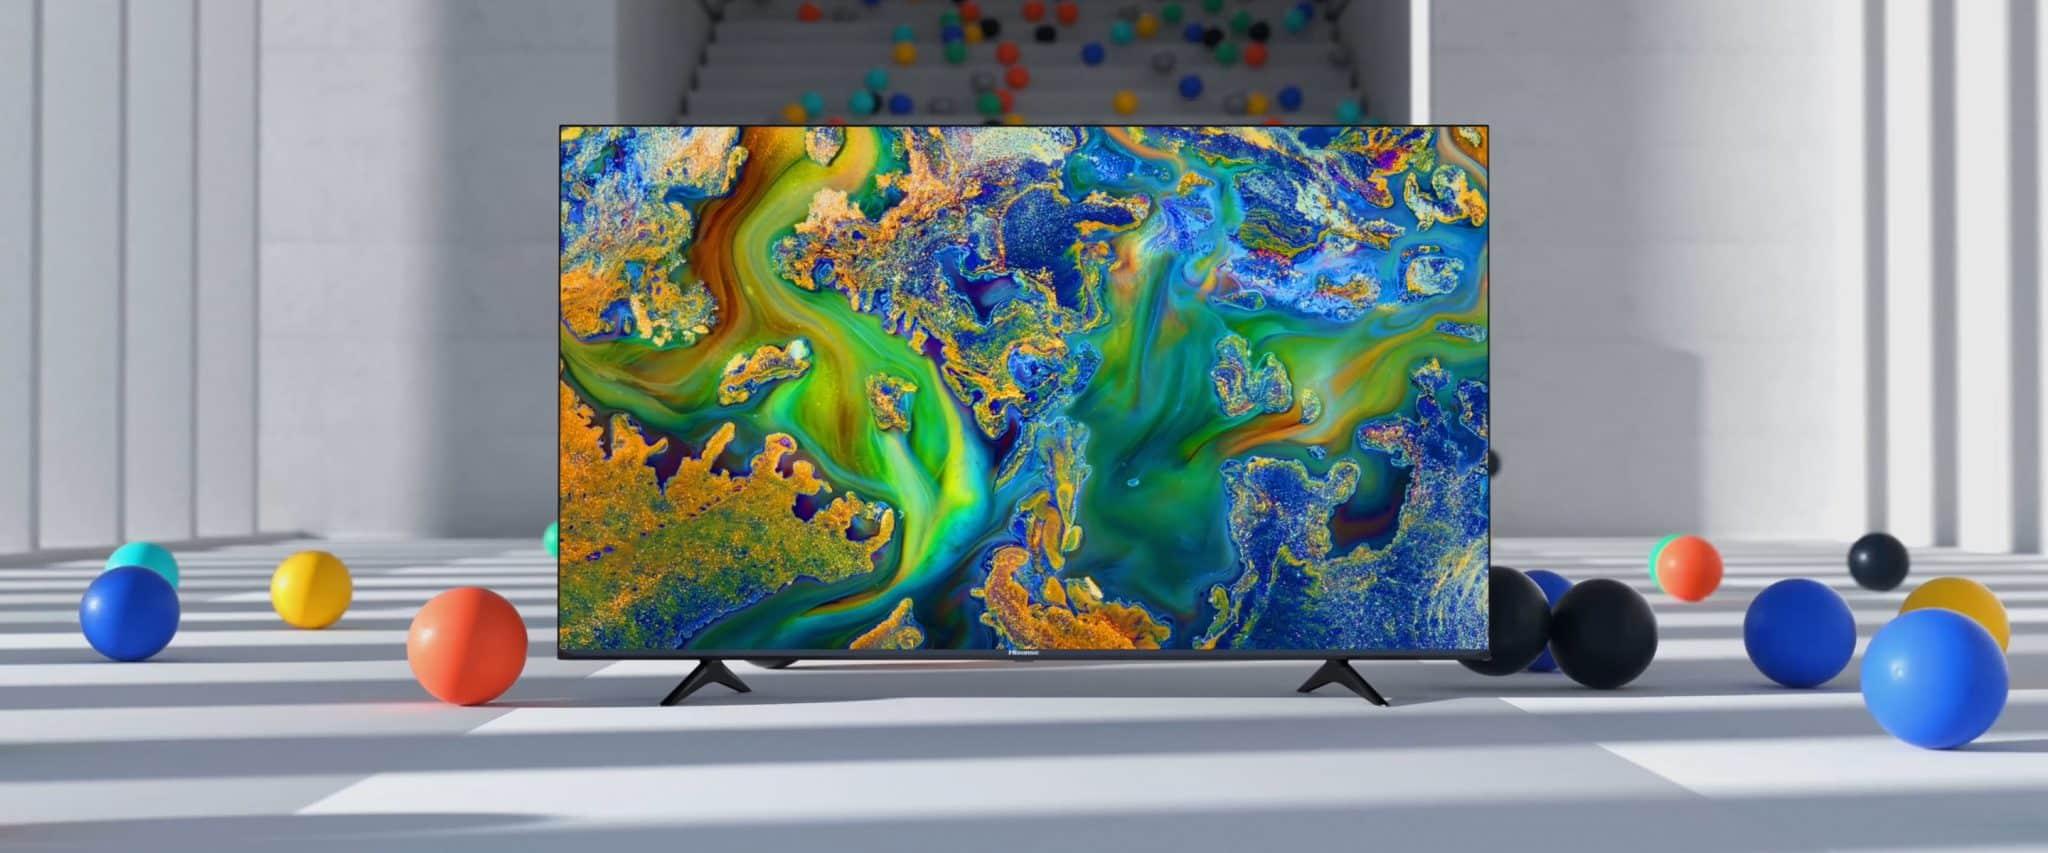 Best smart tvs 2021